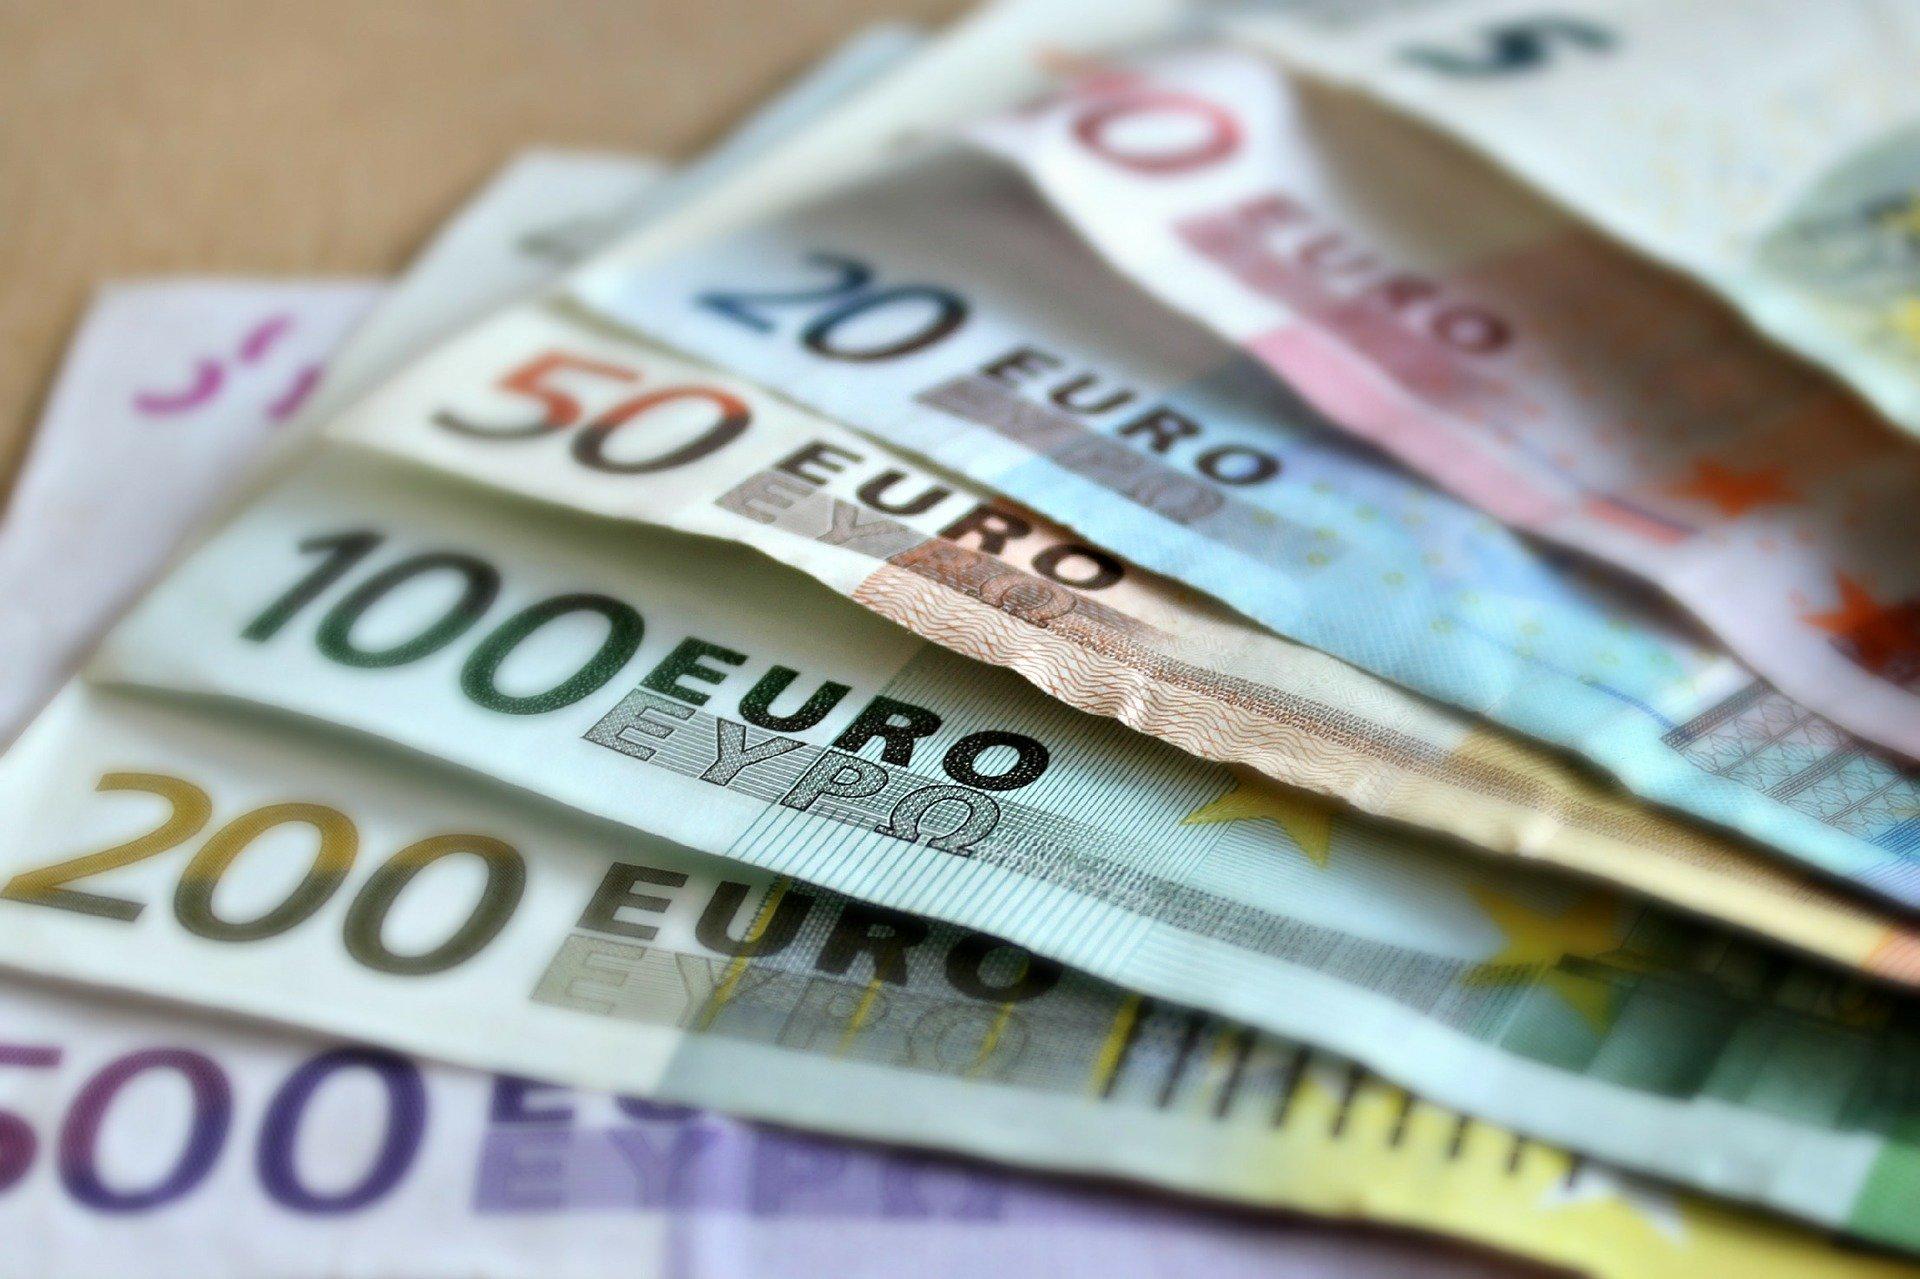 СМИ Австрии: 1.200 € — базовый доход для всех без учёта?